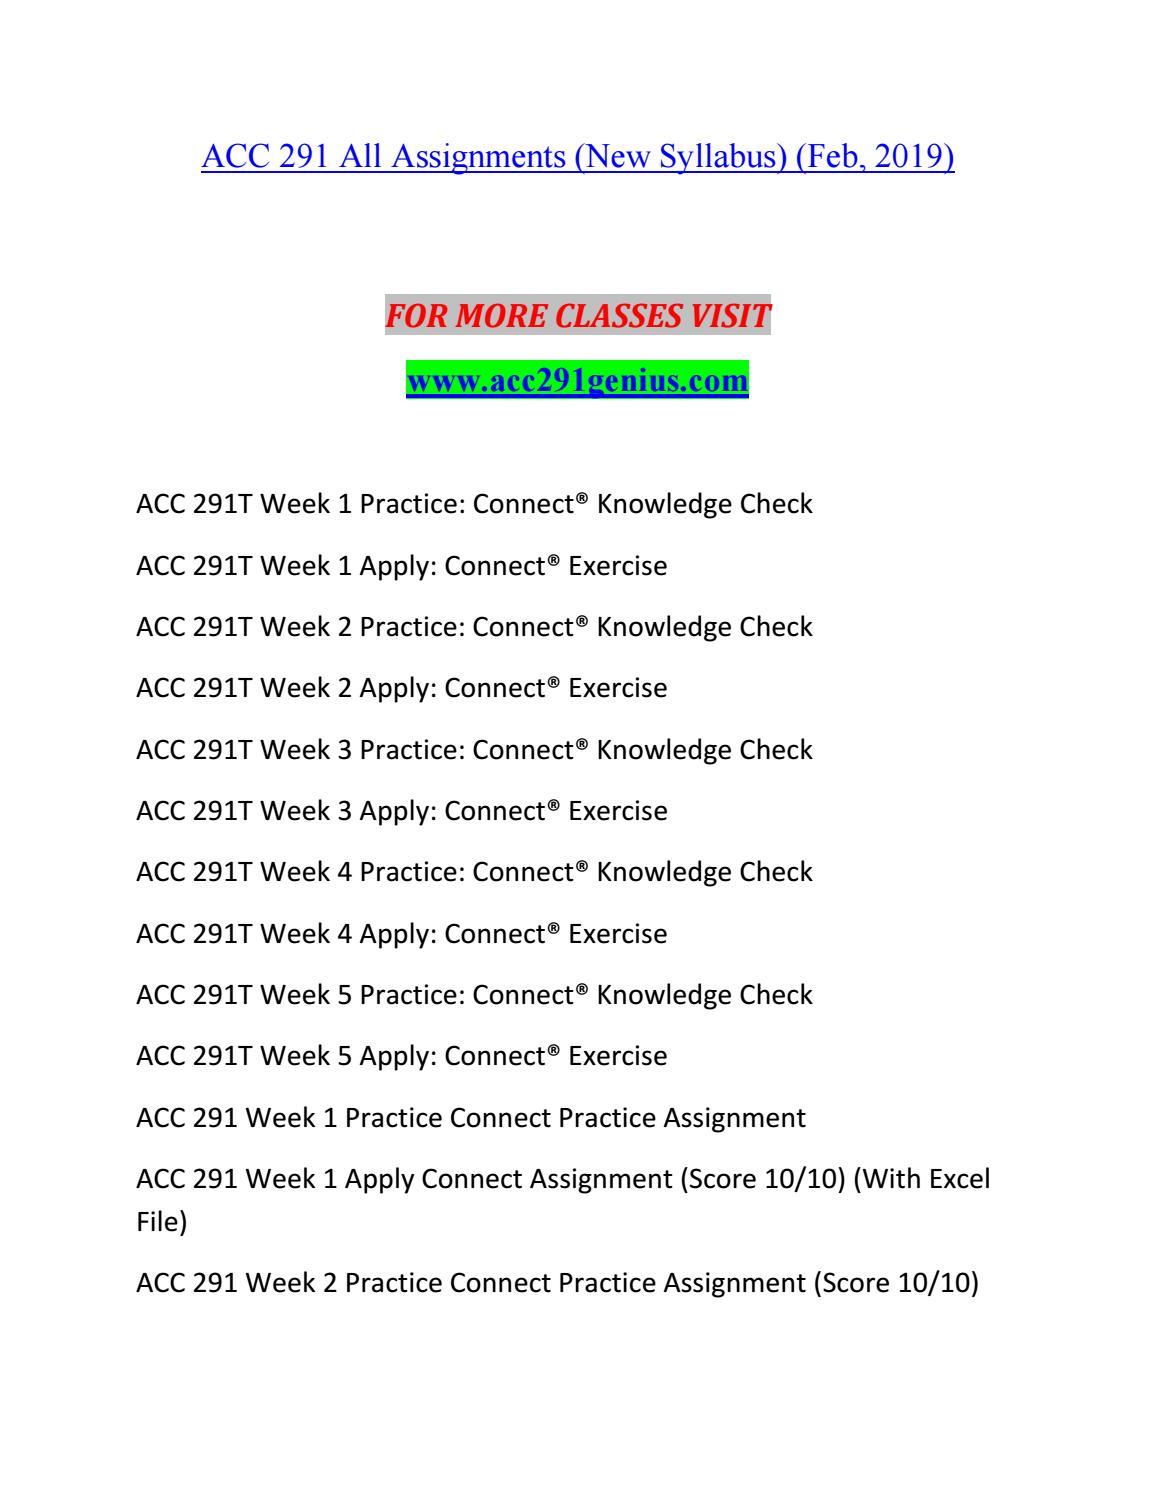 ACC 291 GENIUS Best Educational--acc291genius com by sum